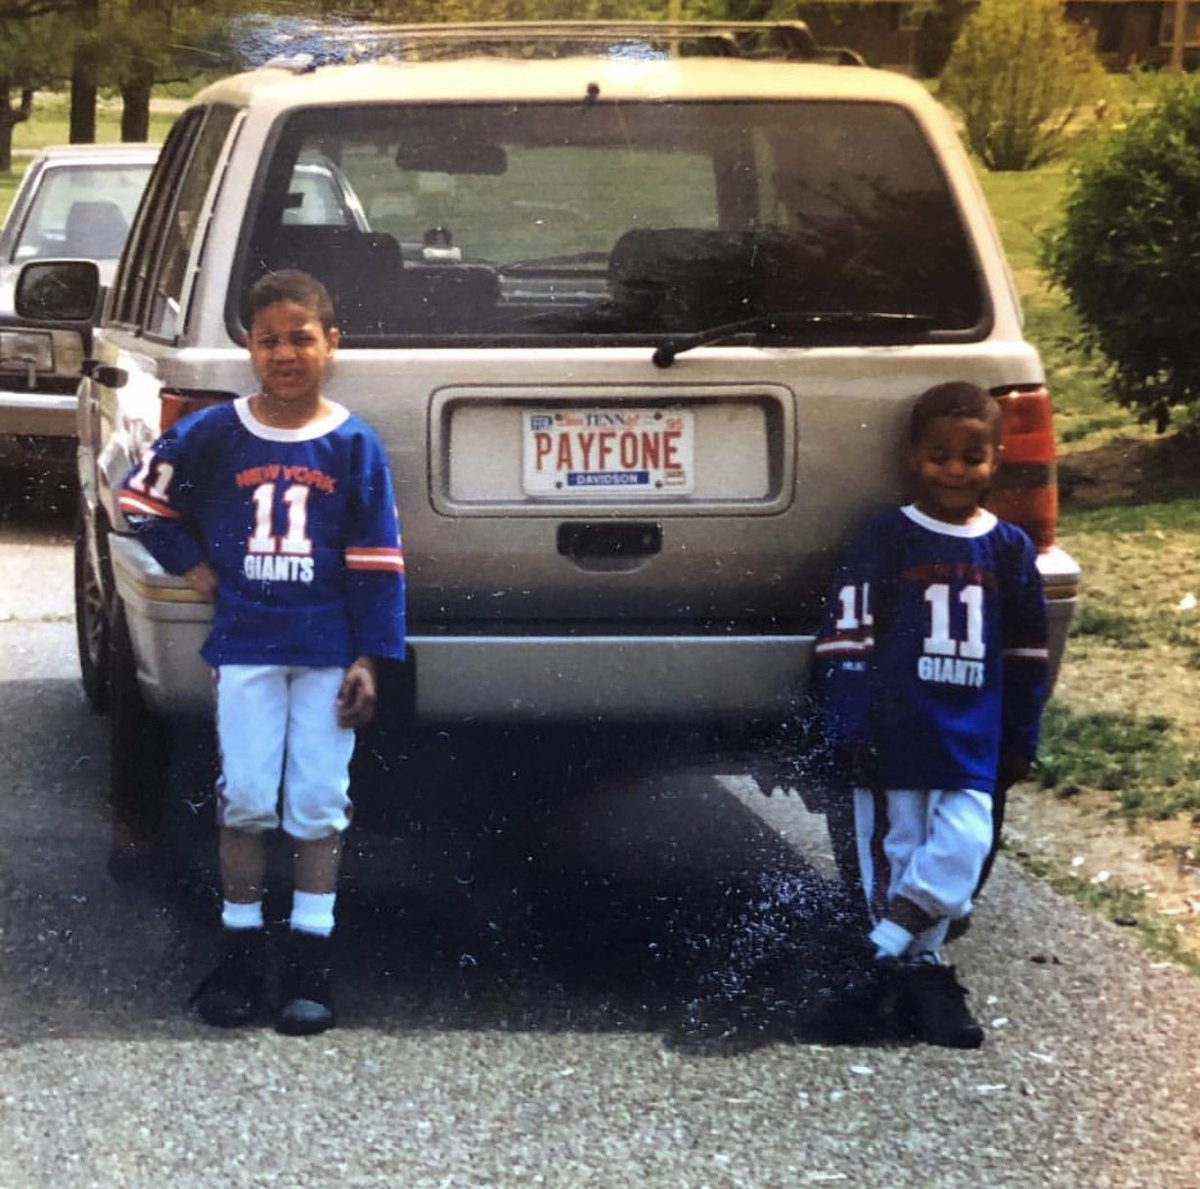 Little @Giants  🅶-🅼🅴🅽 <br>http://pic.twitter.com/8MVDTA2753